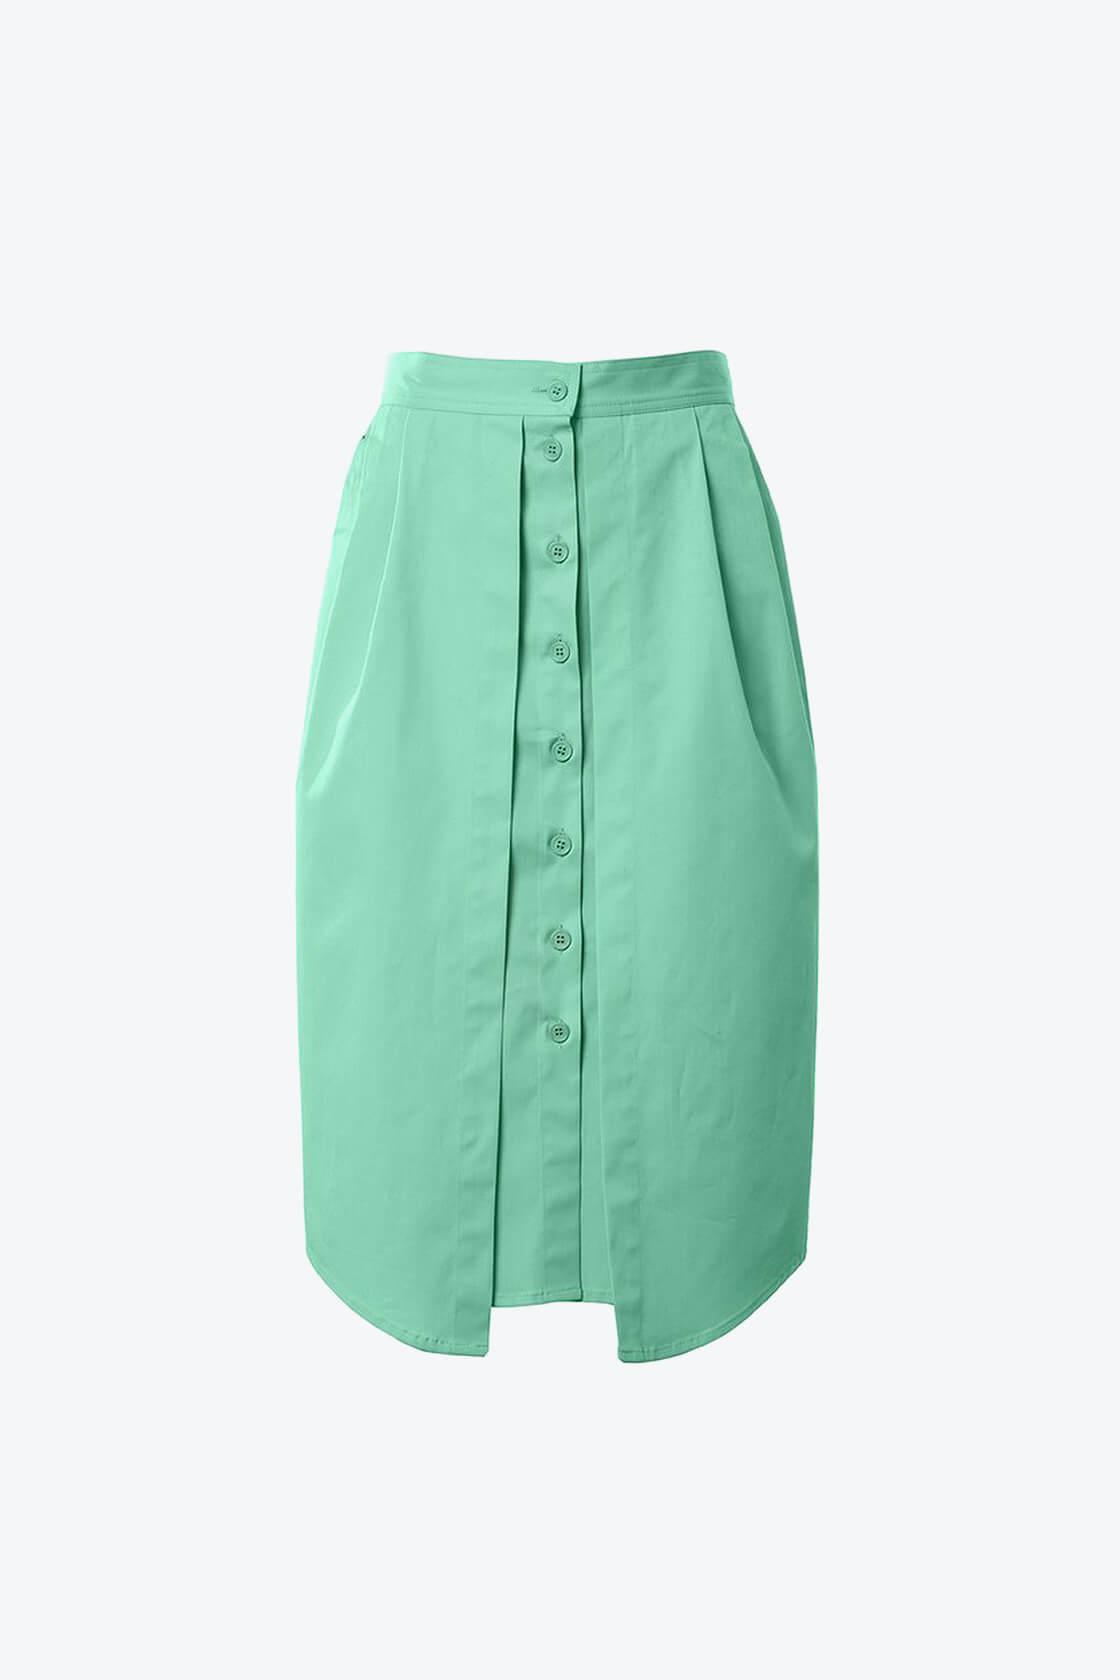 OL10000232 Double skirt green1